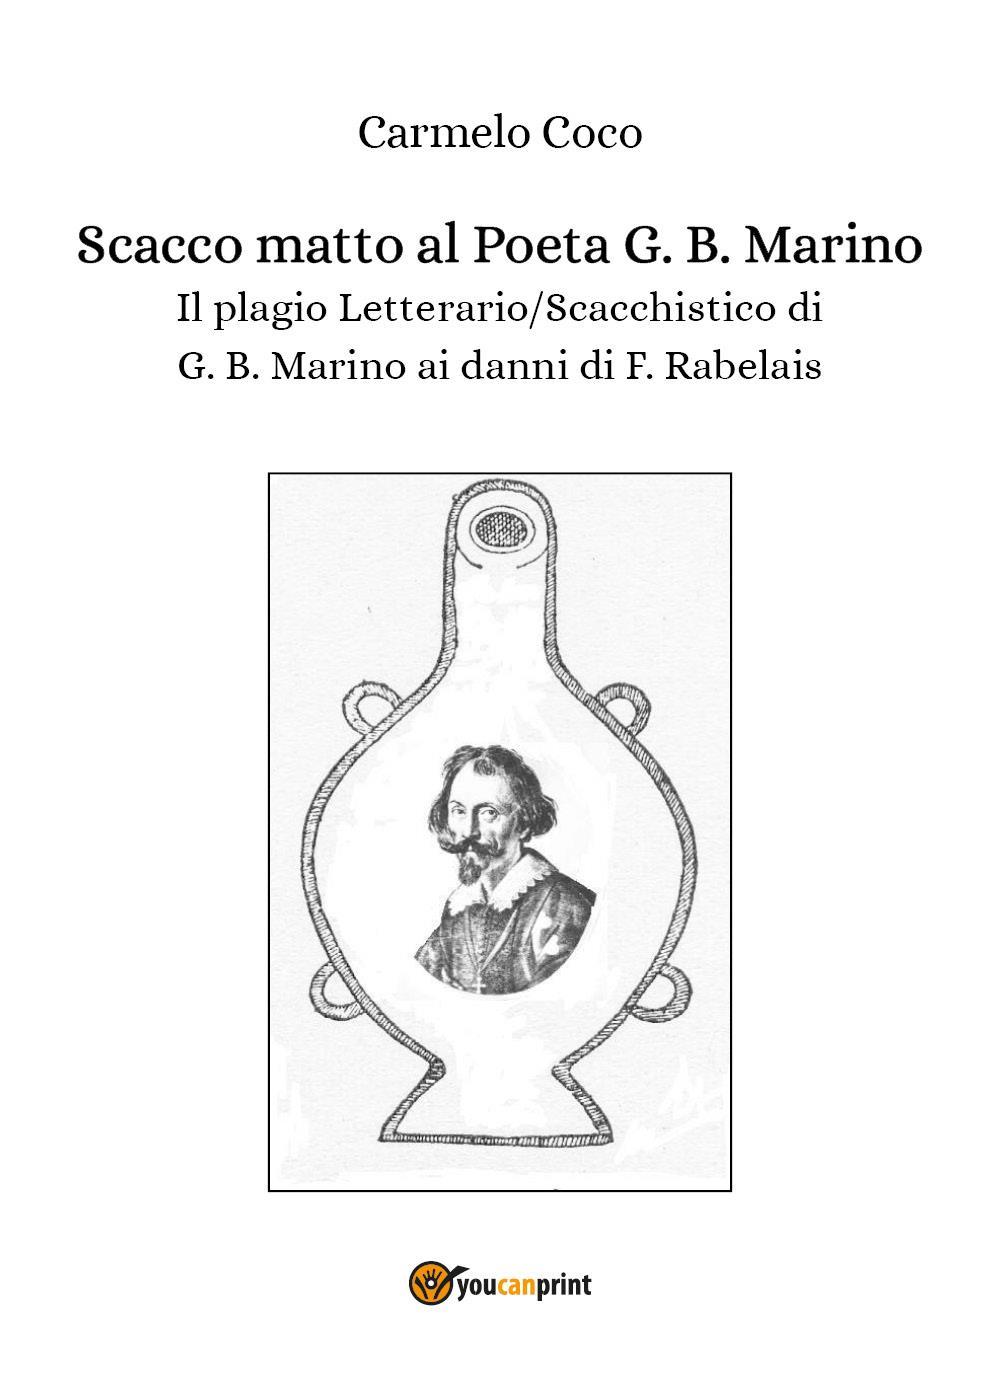 Scacco matto al Poeta G. B. Marino -  Il plagio Letterario/Scacchistico di  G. B. Marino